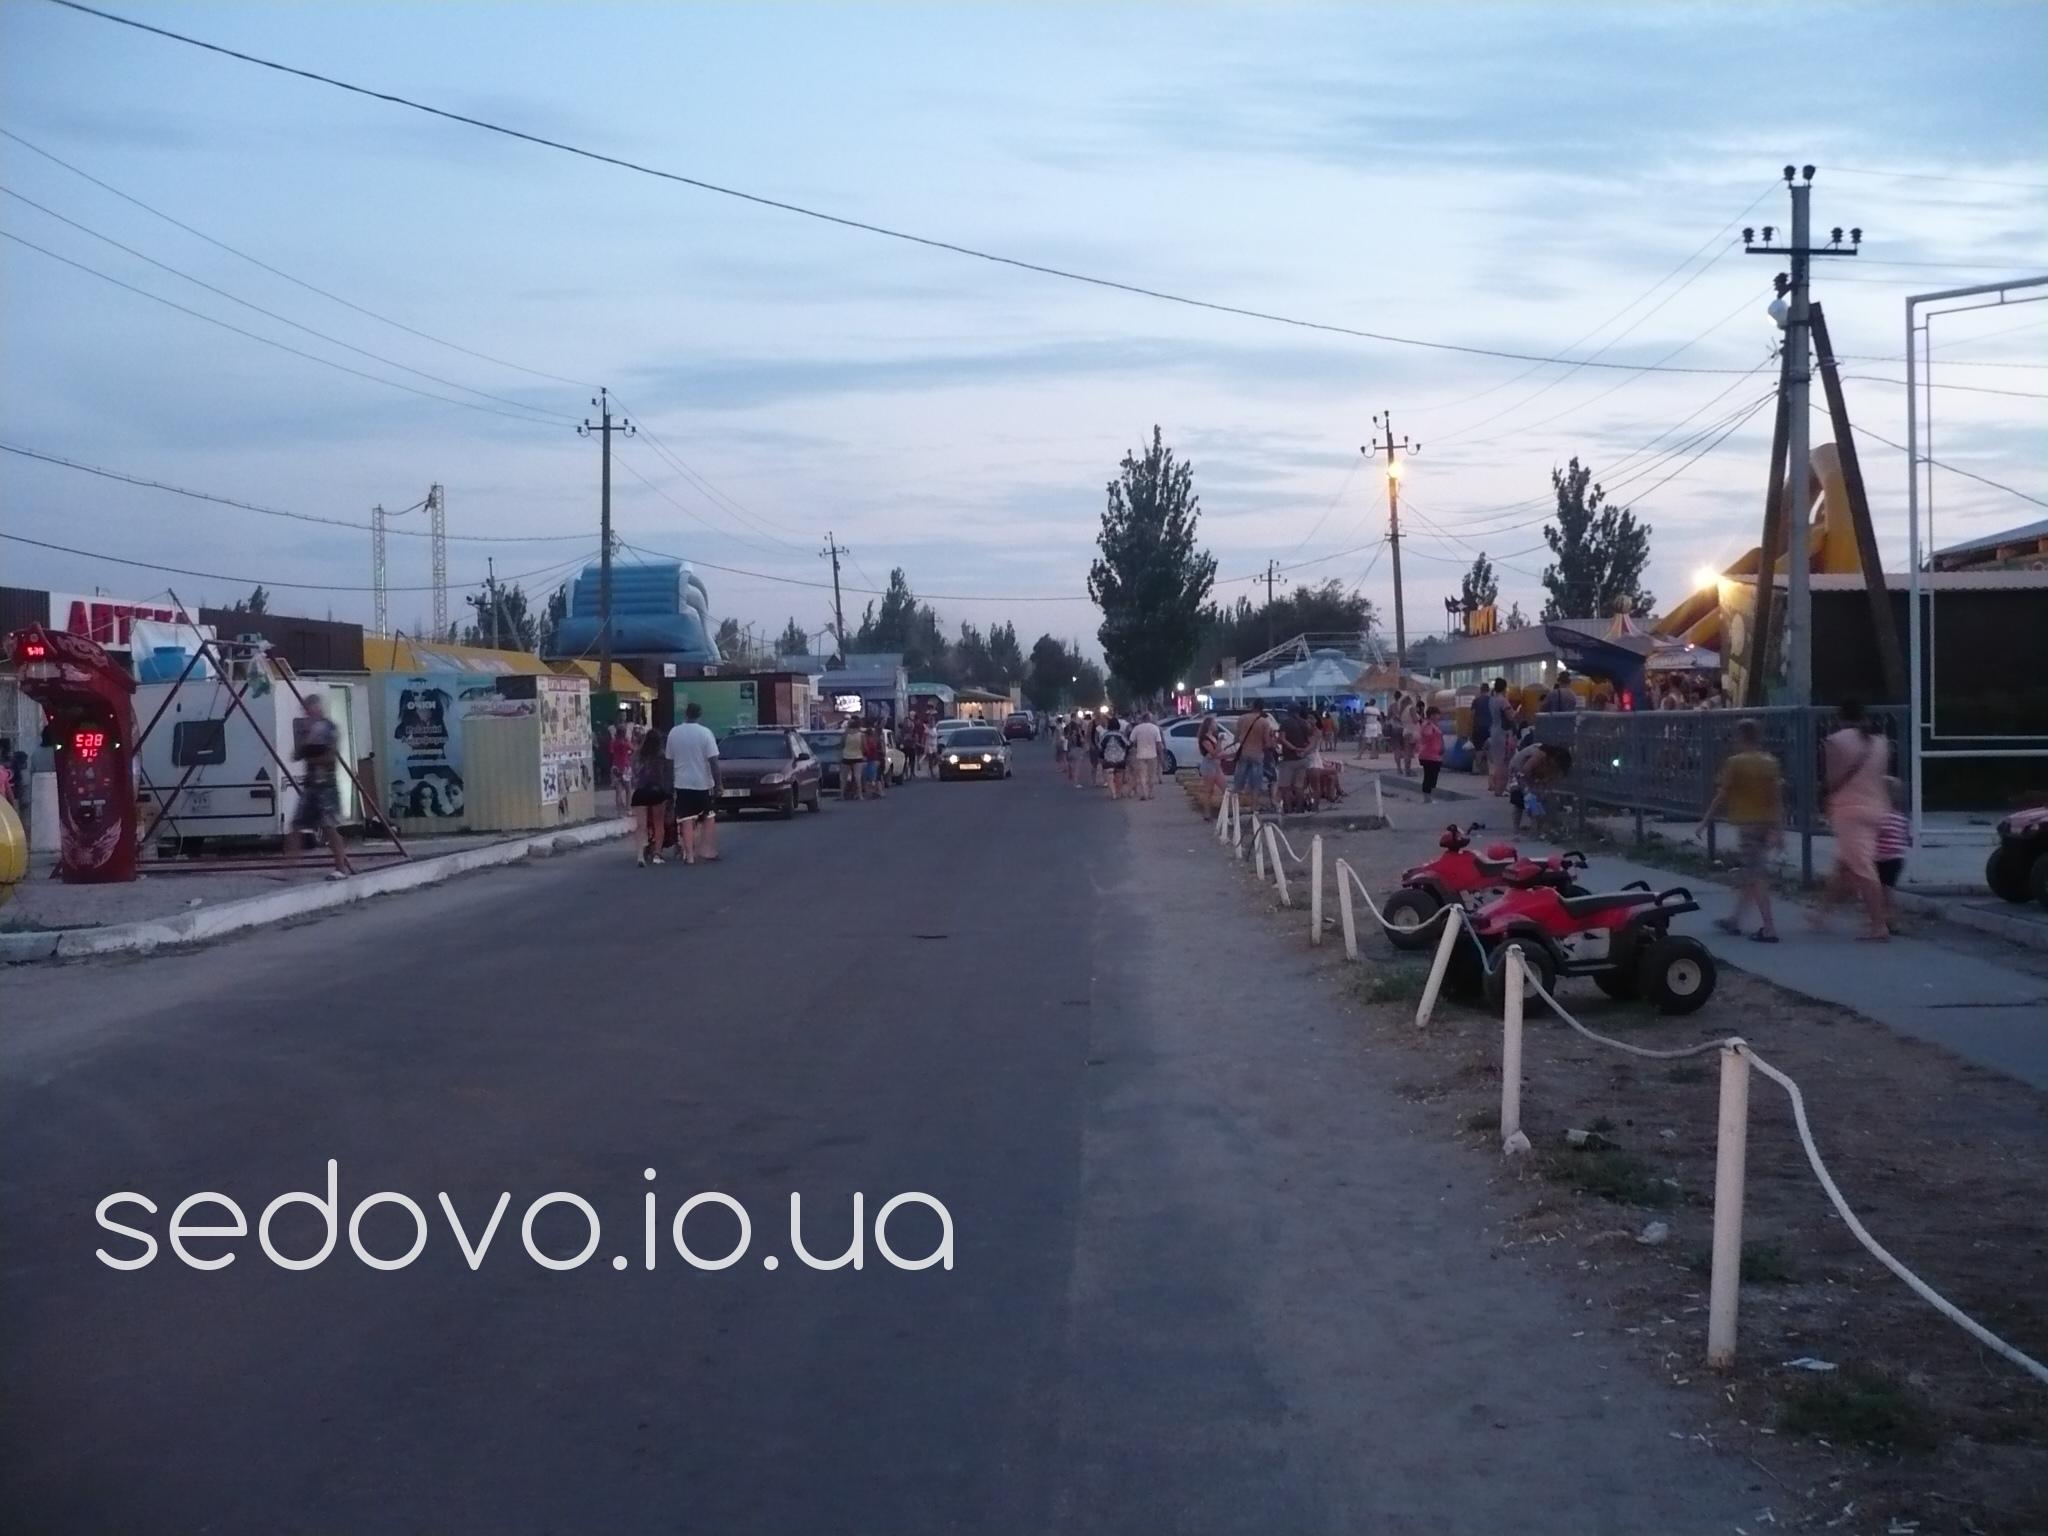 Седово ул Комсомольская фотографии центр поселка